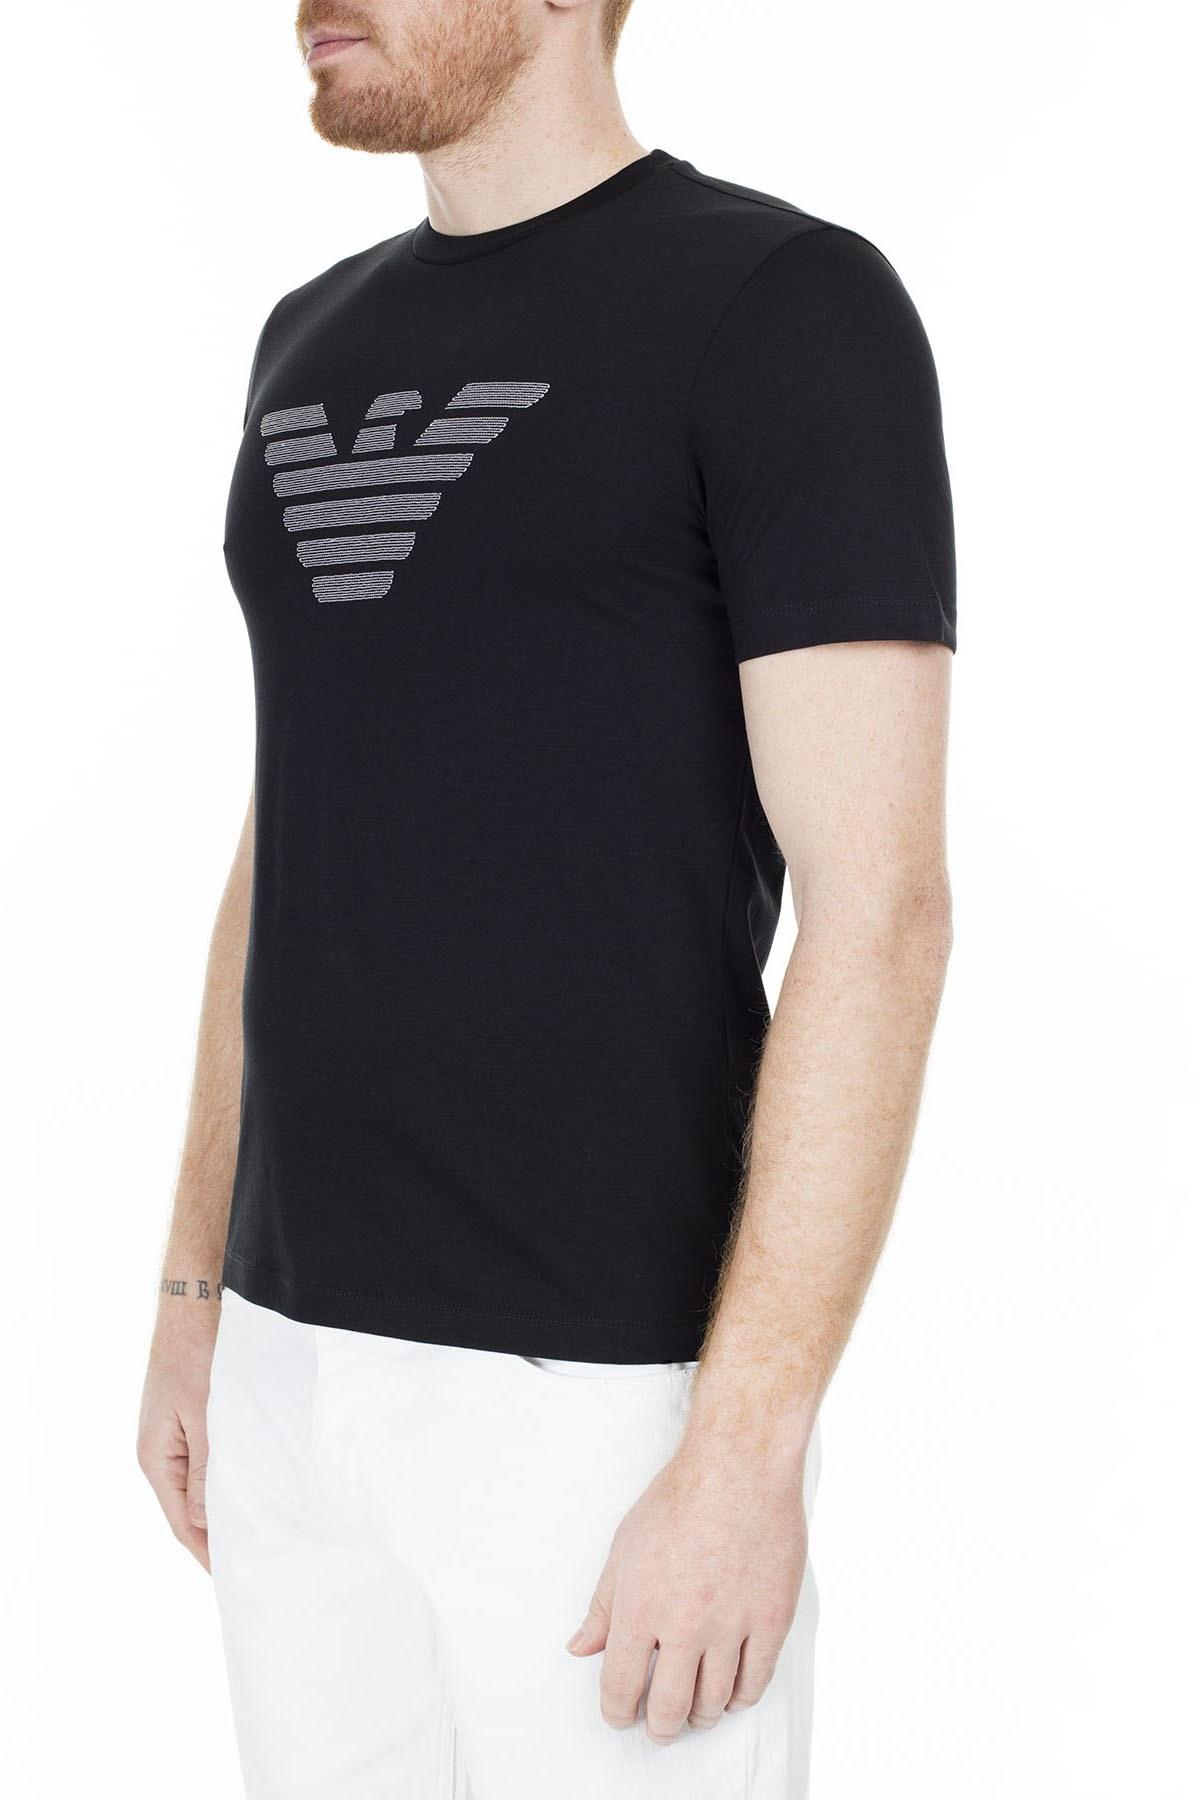 Emporio Armani Erkek T Shirt S 6G1TC0 1J00Z 0999 SİYAH